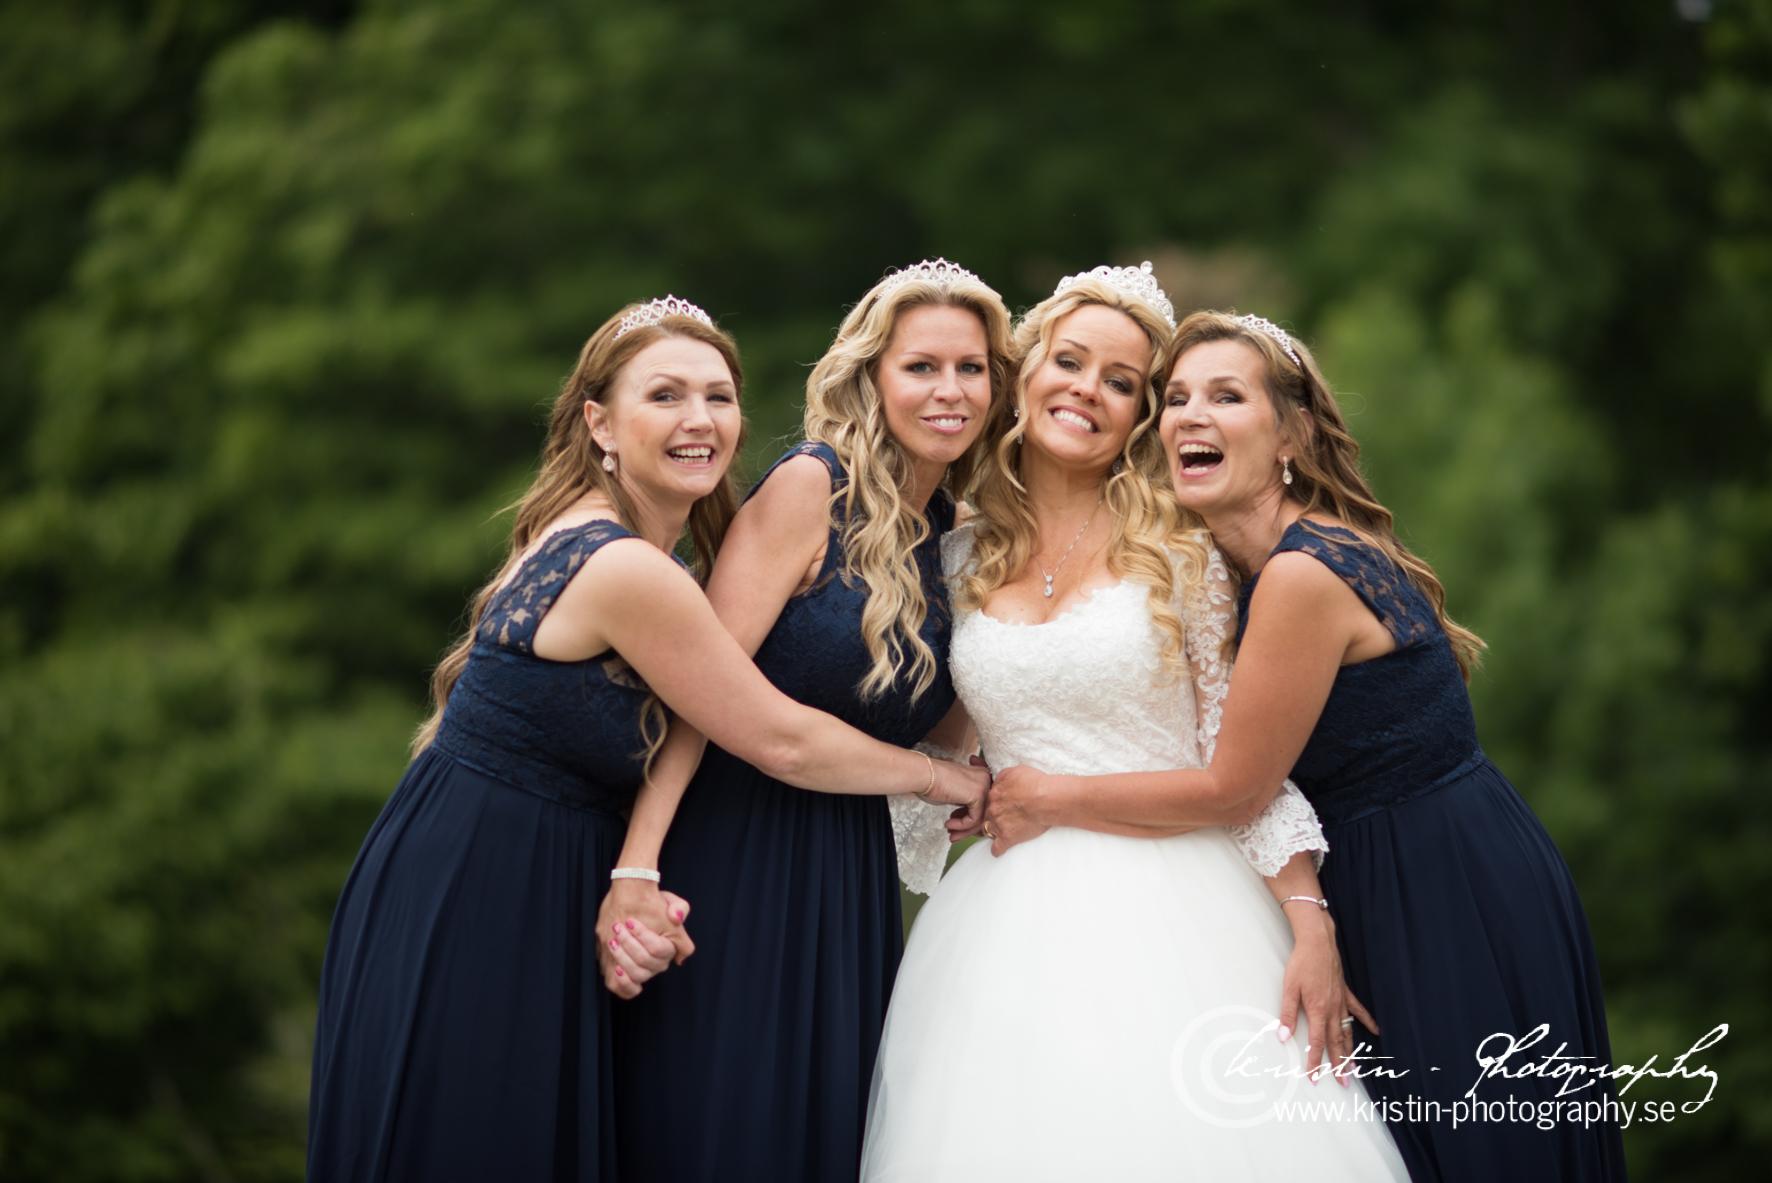 Bröllopsfotograf i Eskilstuna, Kristin - Photography-337.jpg